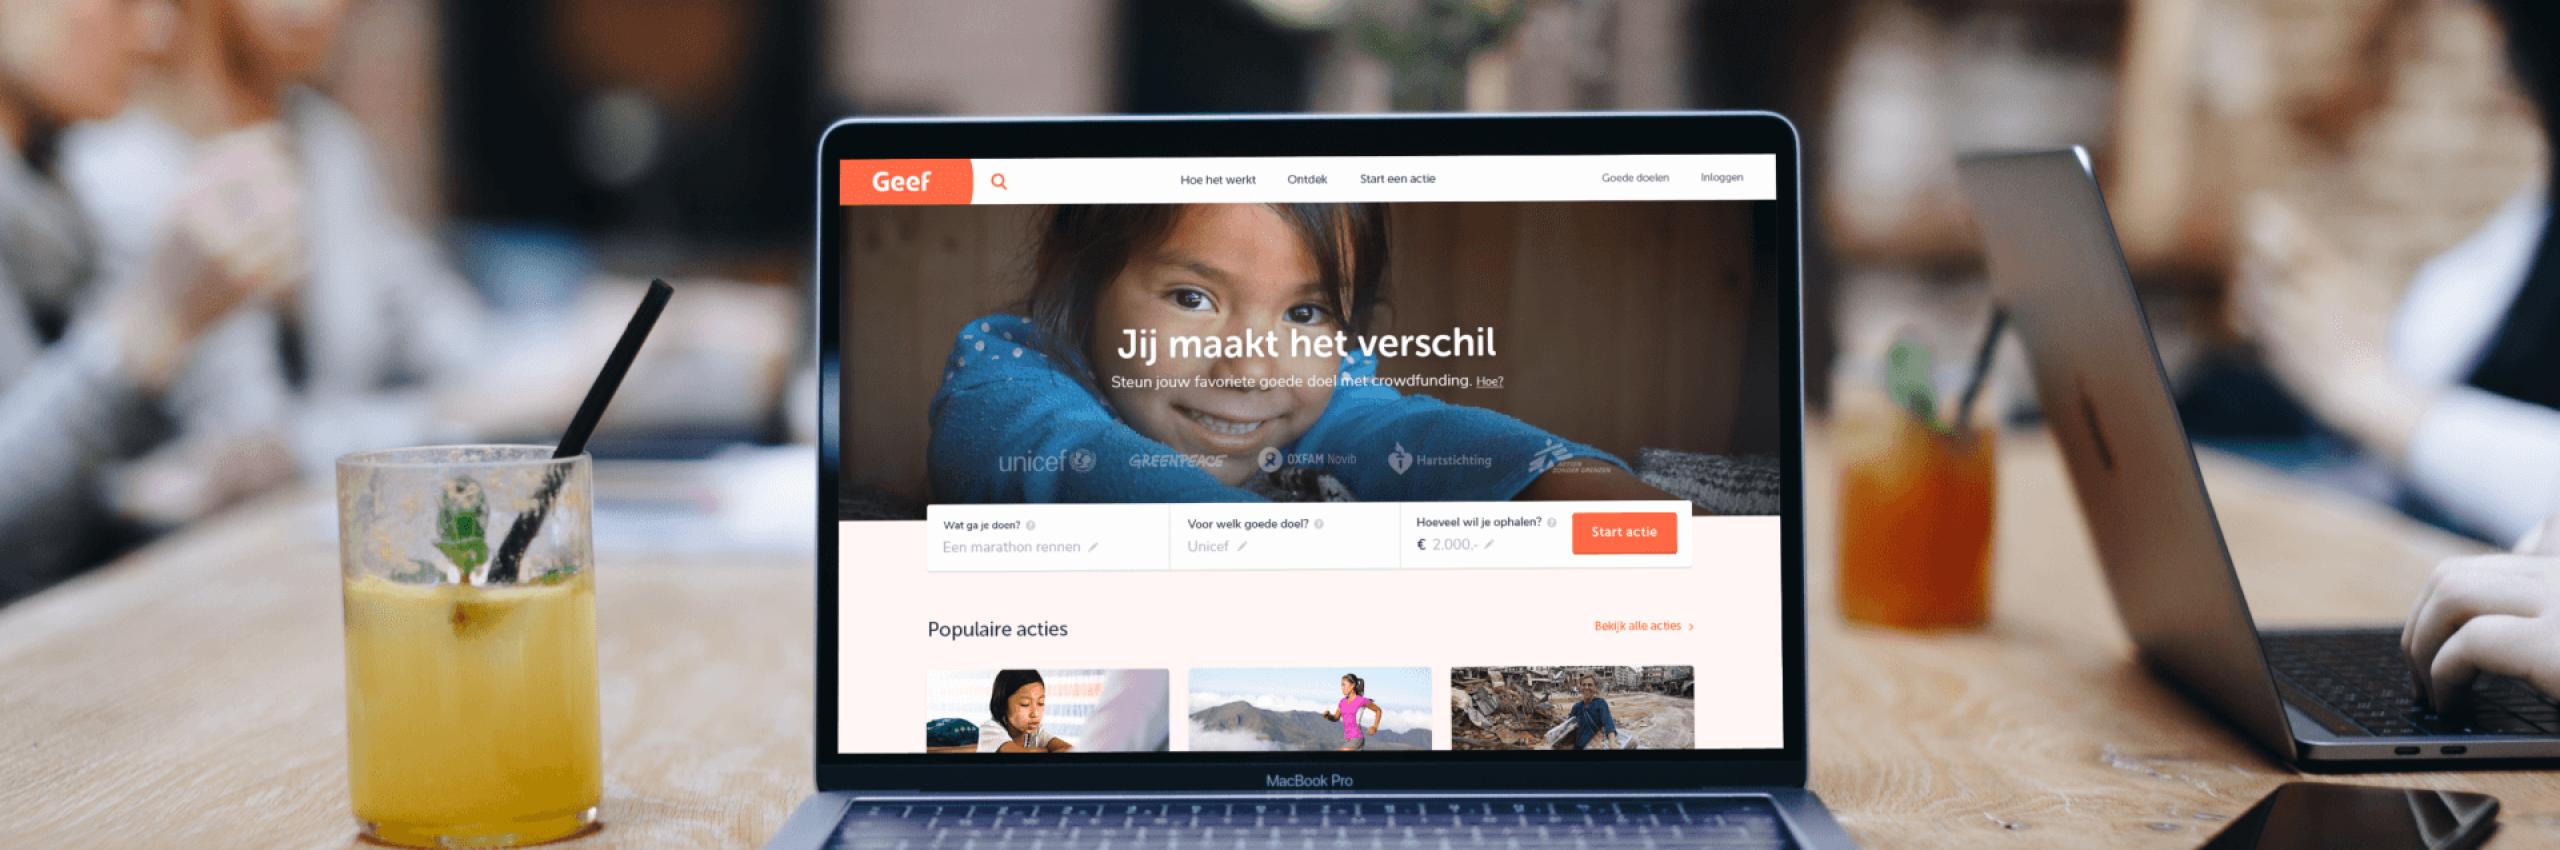 Banner for Het heruitvinden van donatiewebsite Geef.nl